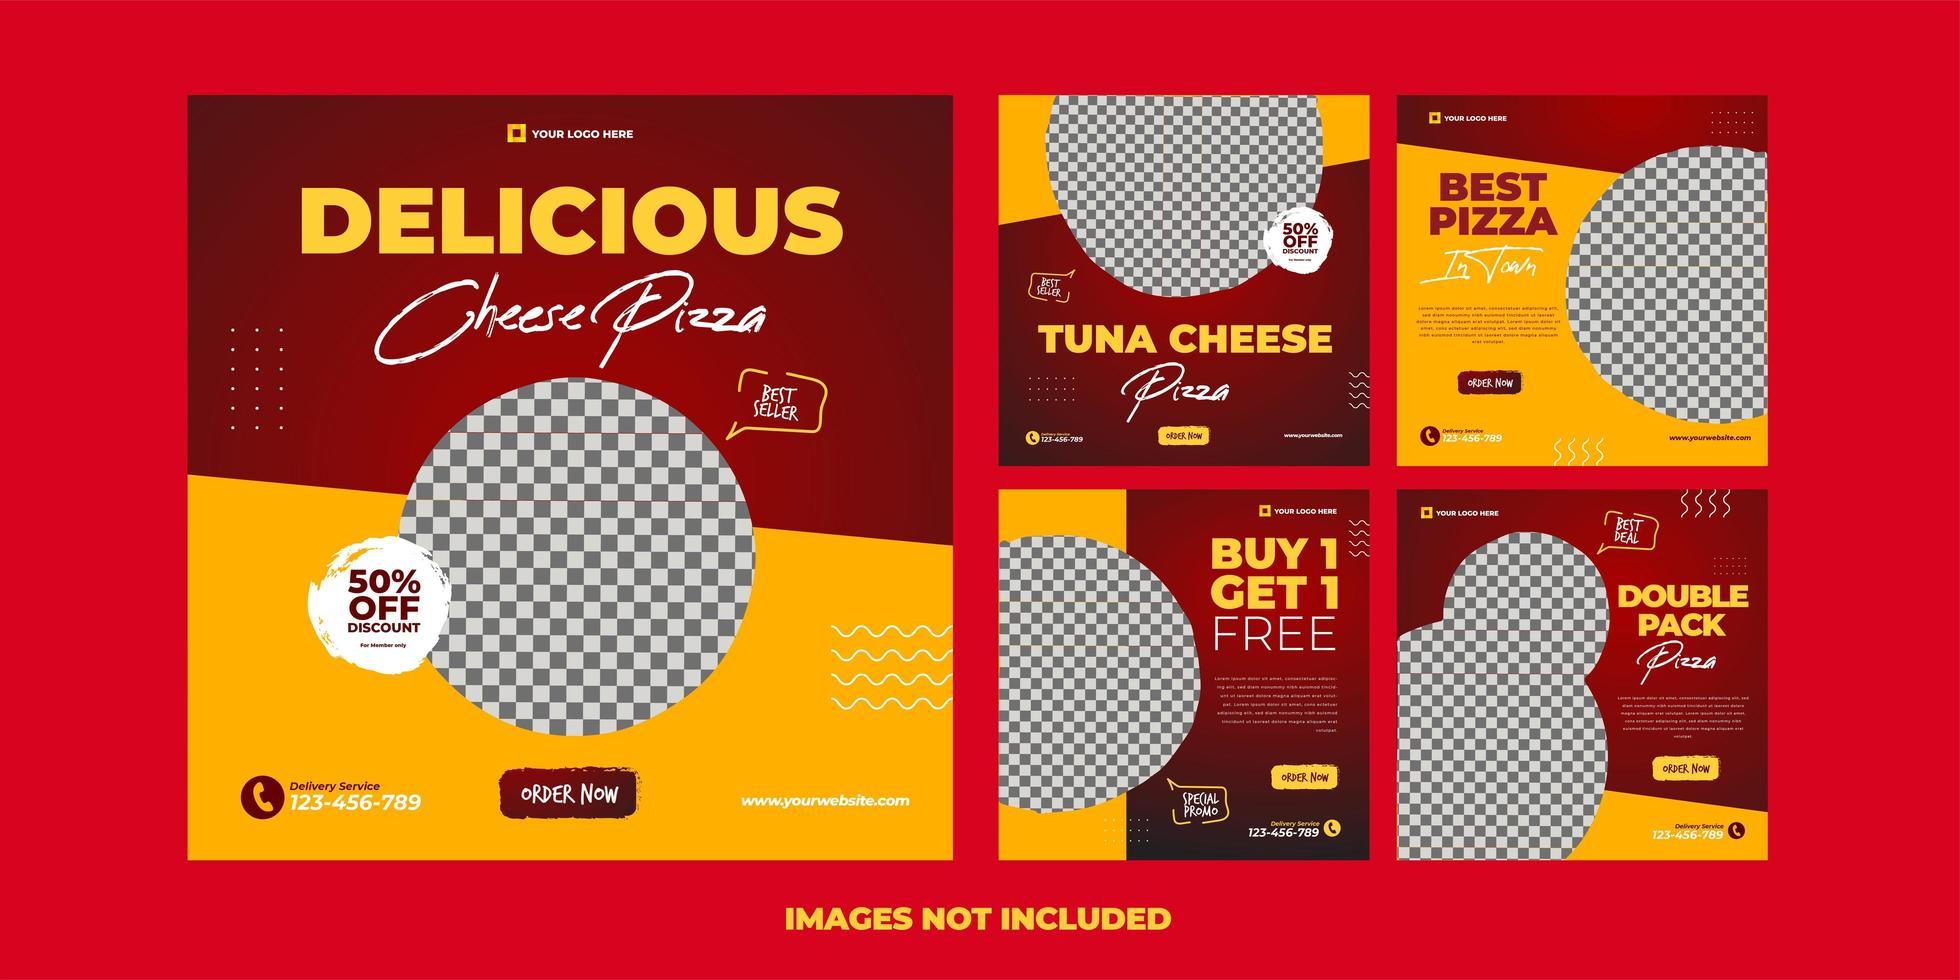 pizza mall för sociala medier reklam vektor